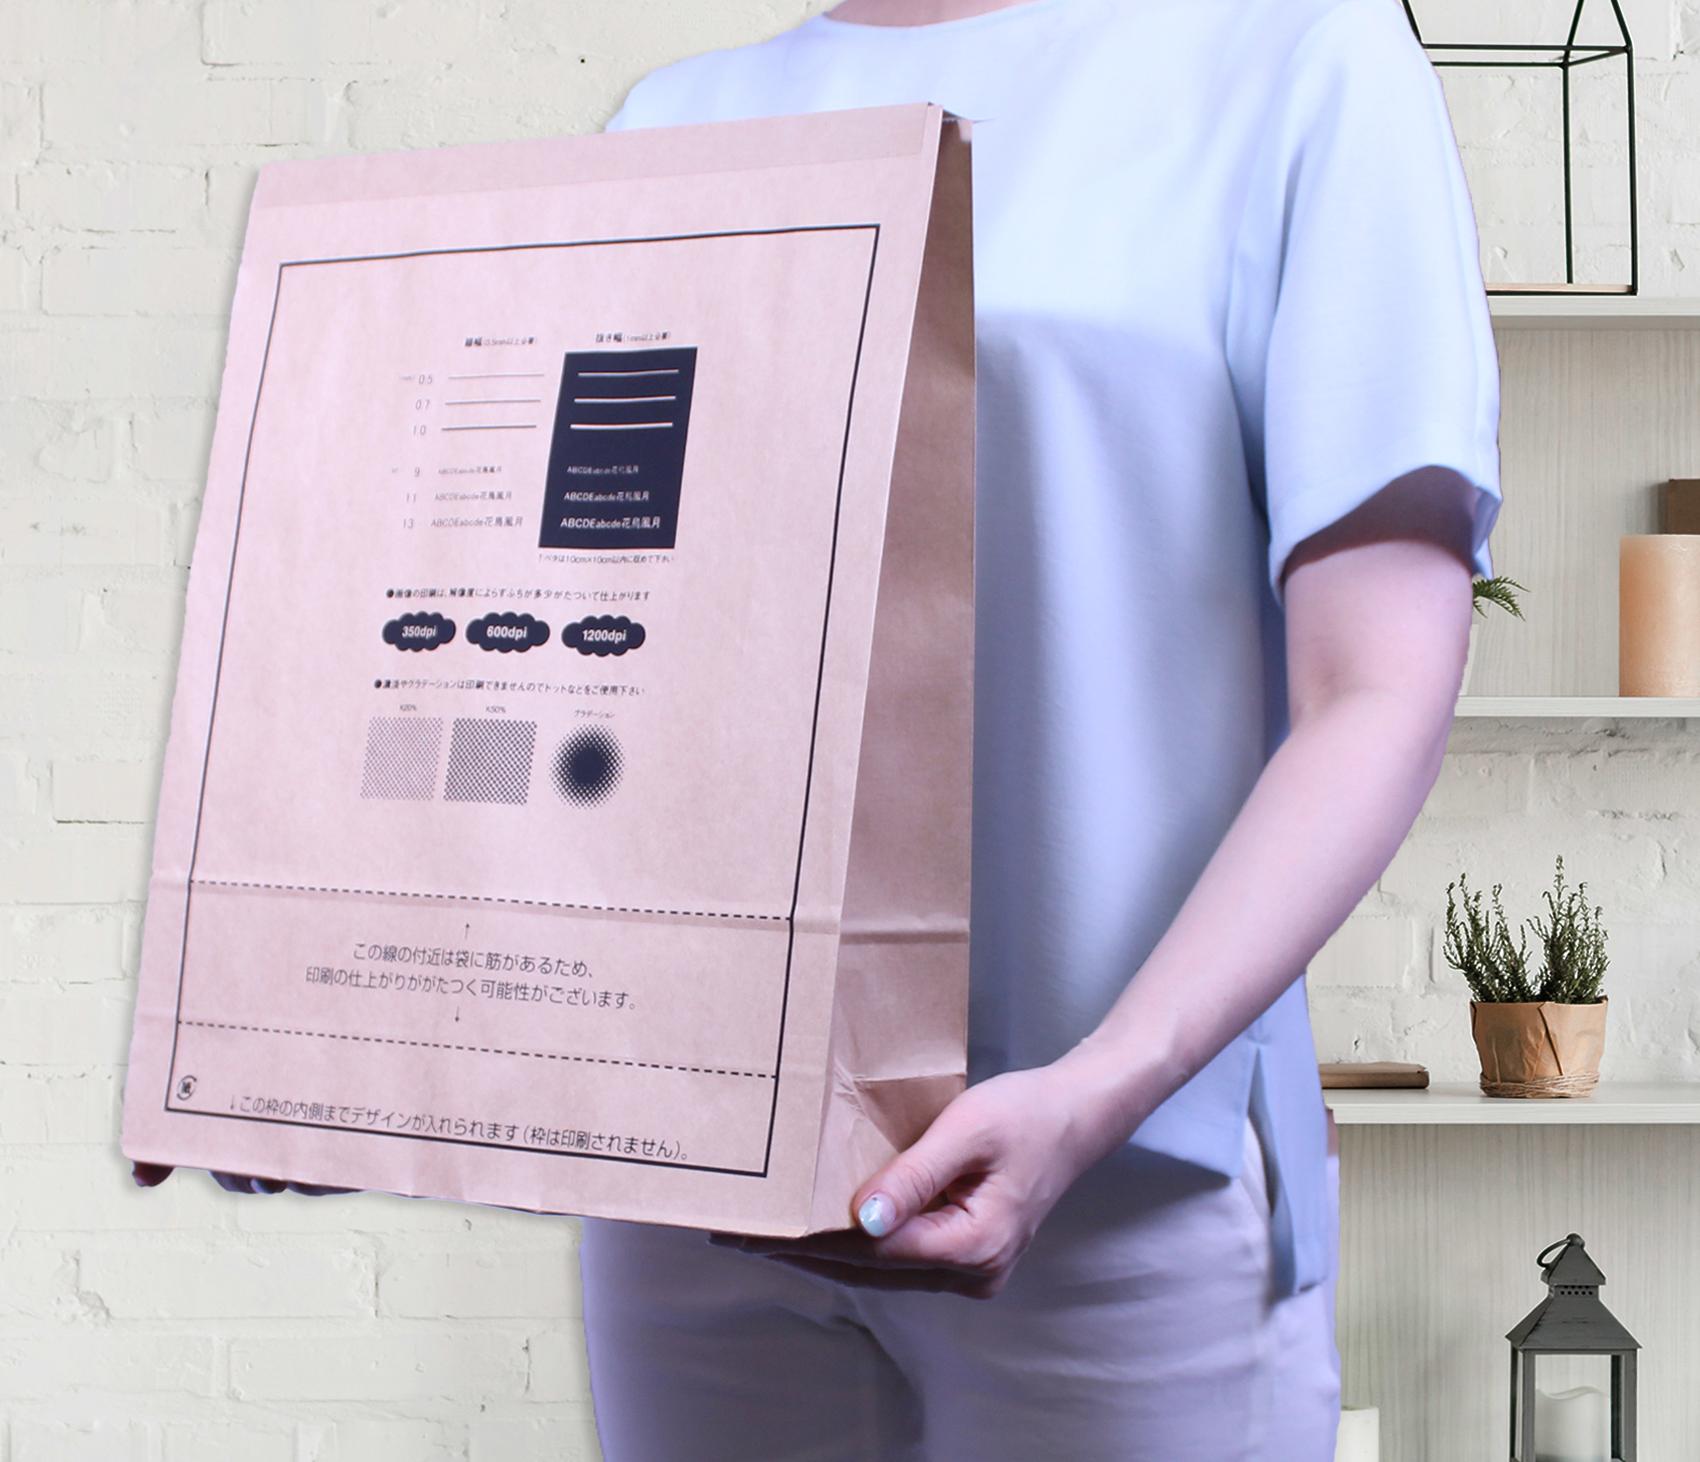 ワンポイント宅配紙袋(片艶晒クラフト)Mサイズのサンプルイメージ画像2